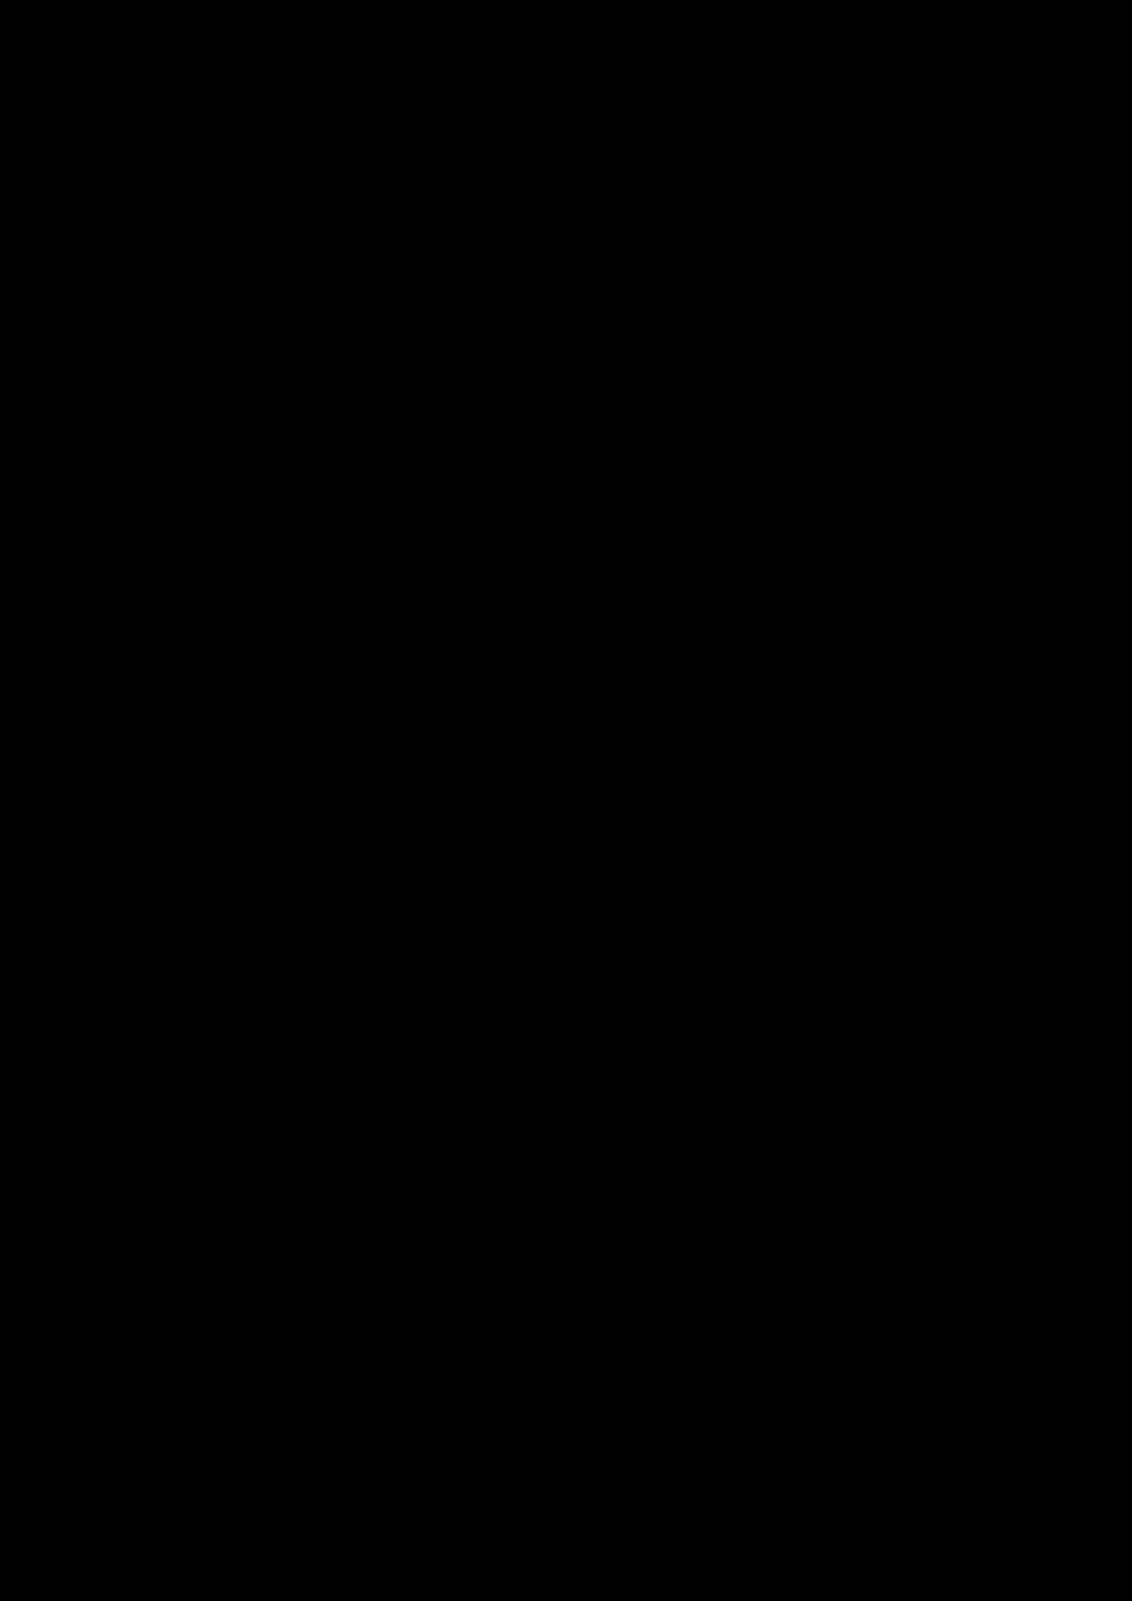 Zagadka volshebnoy stranyi slide, Image 42